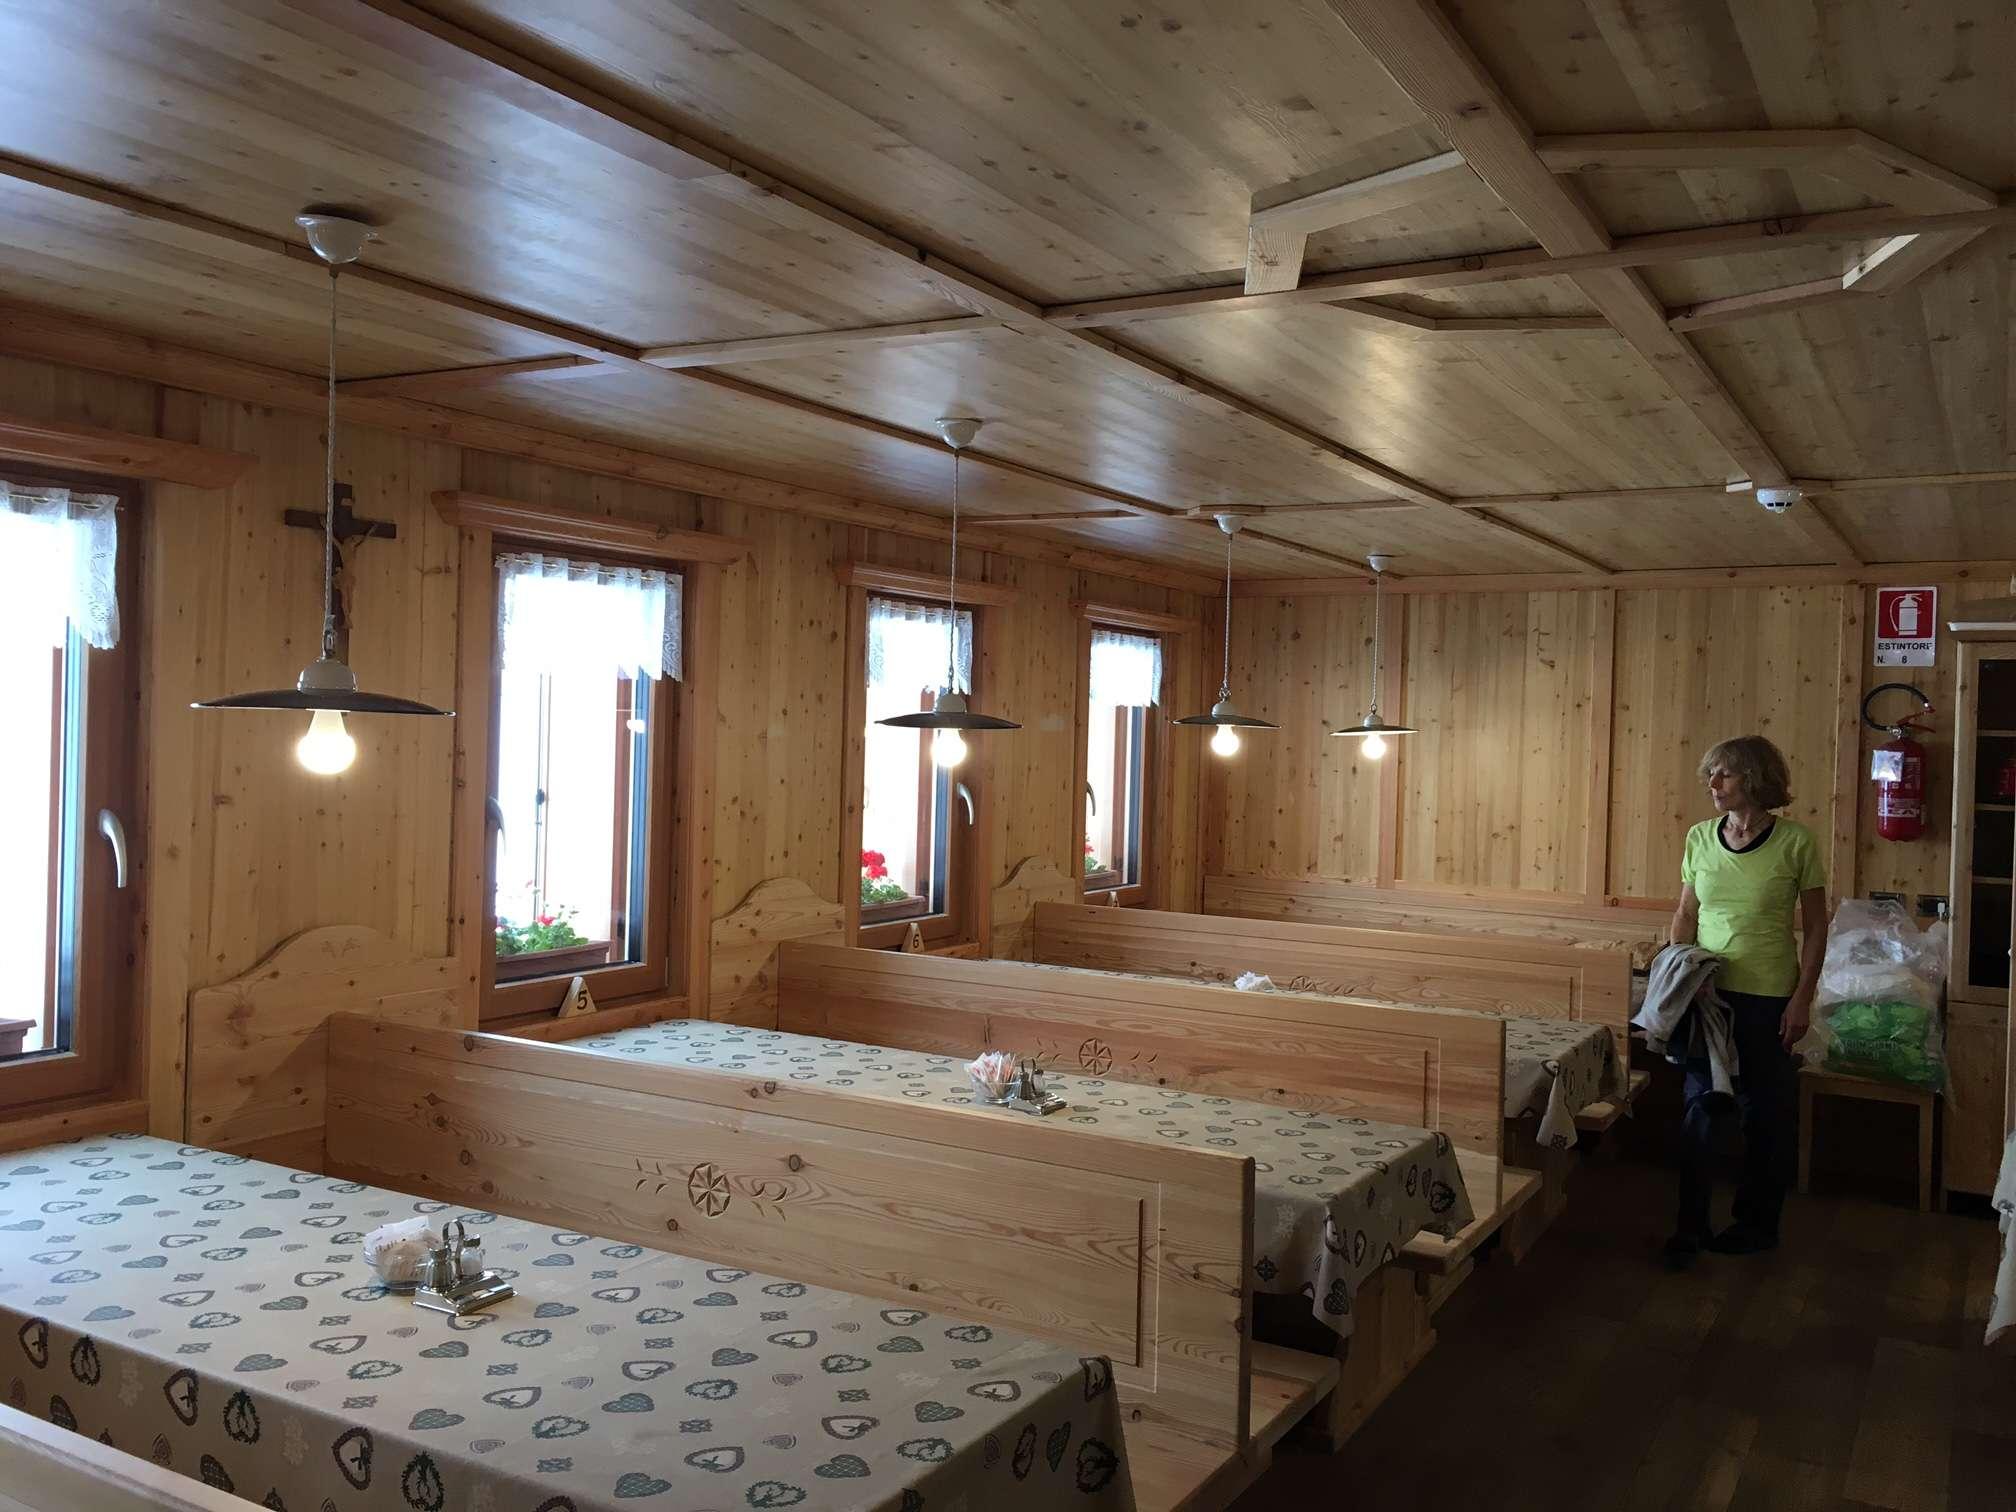 Arredi interni rifugio antermoia case in legno e for Interni arredati